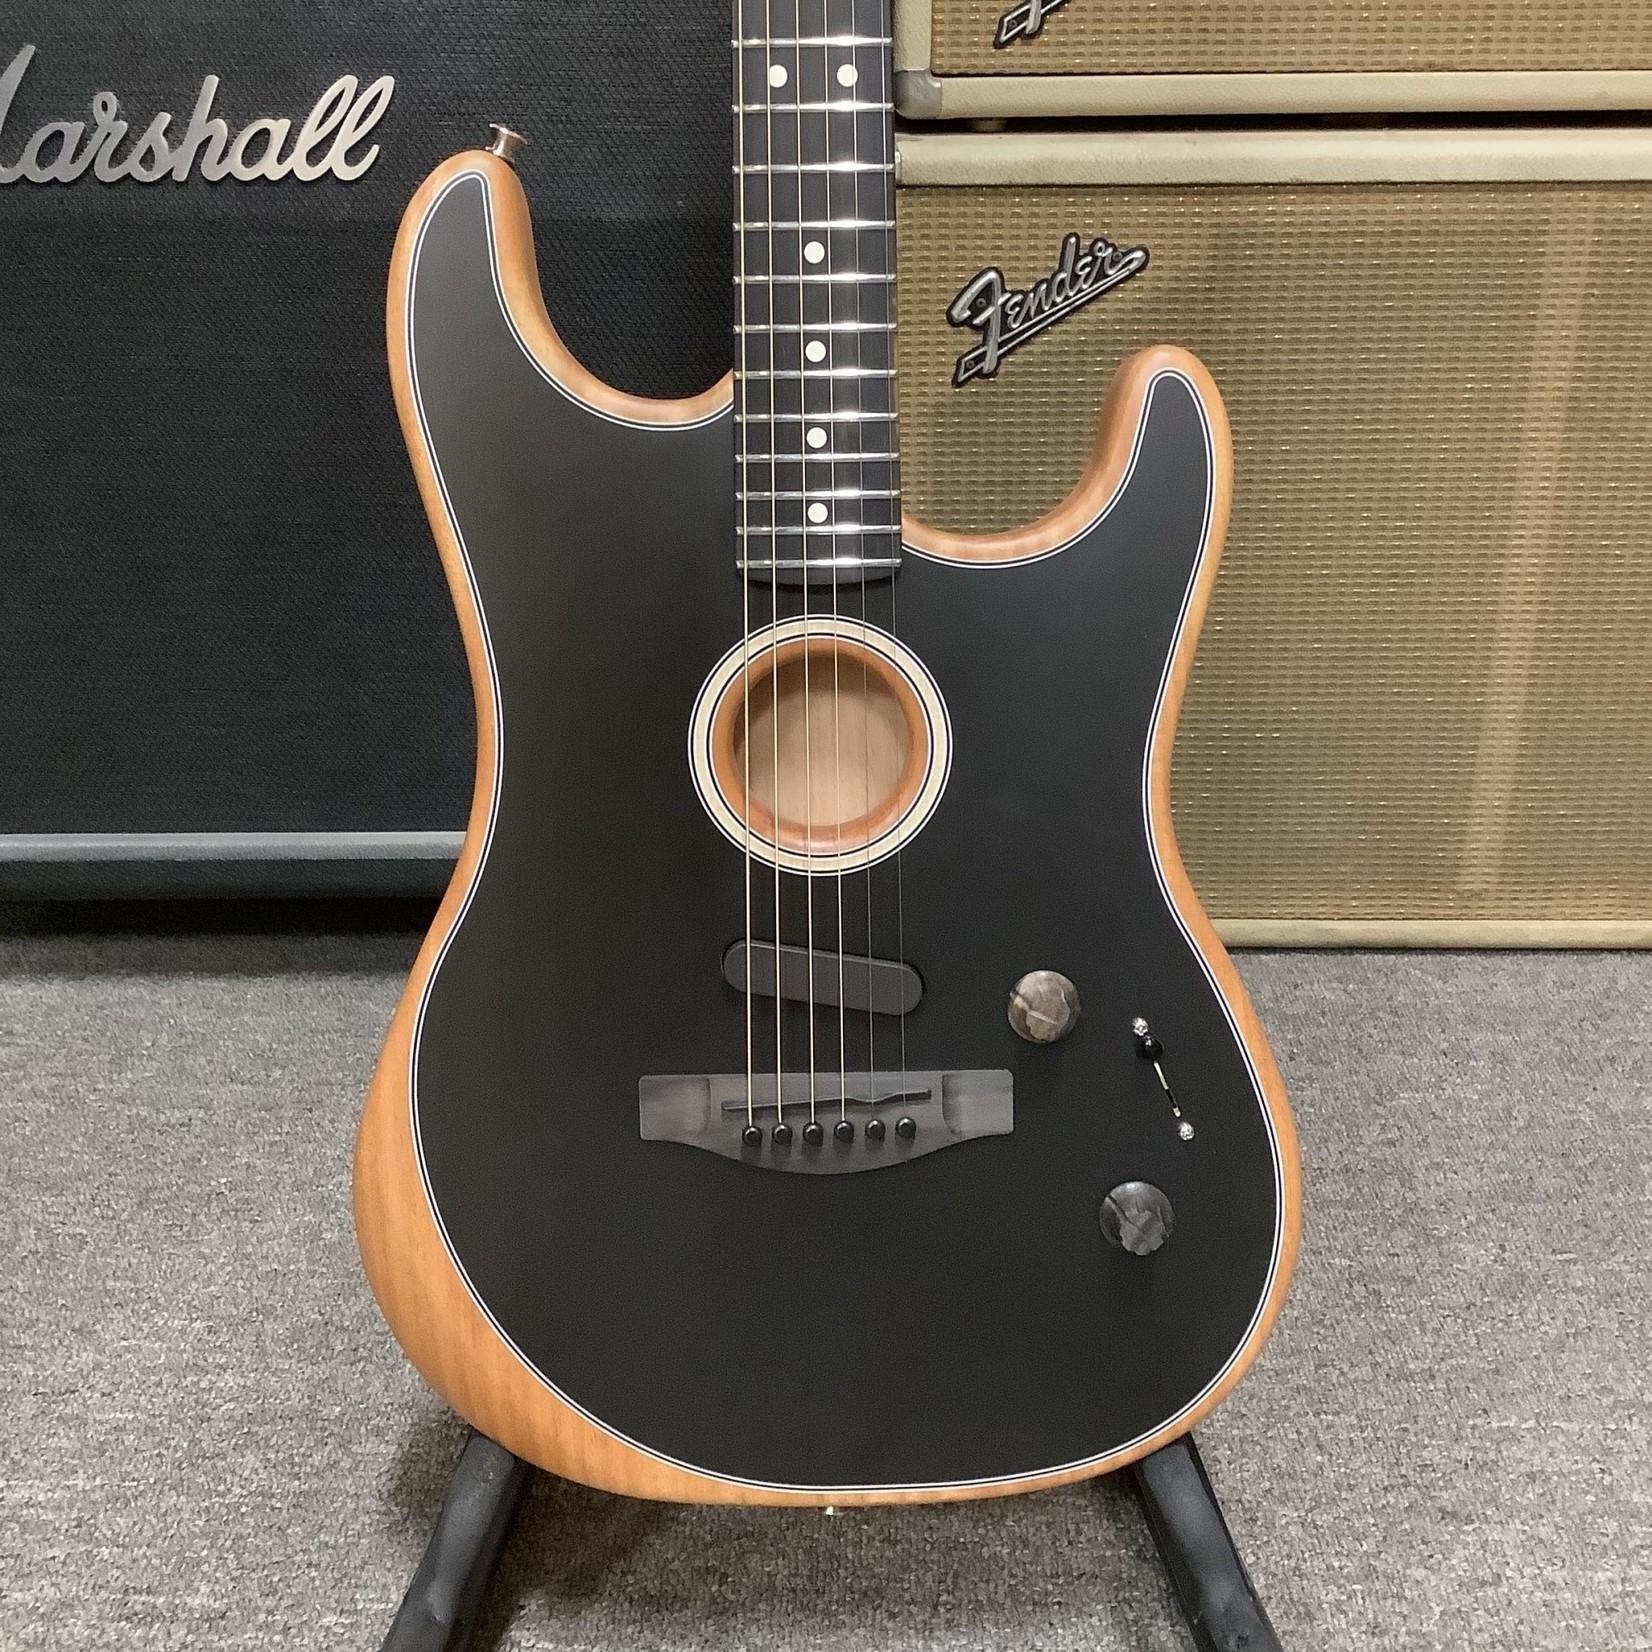 Fender 2021 Fender American Acoustasonic Stratocaster